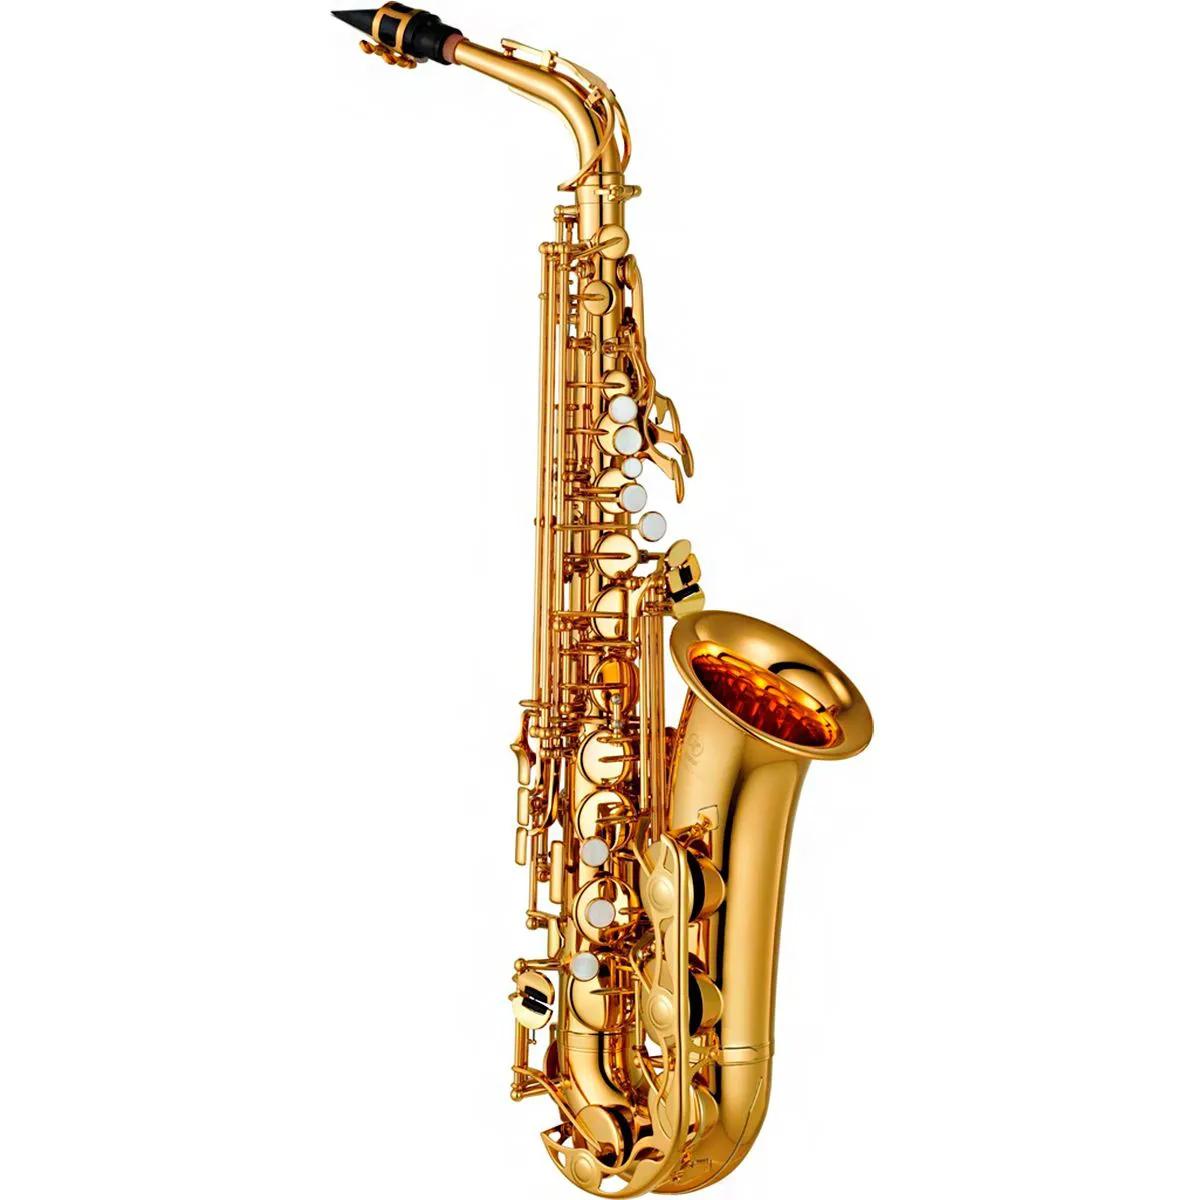 Saxofone Alto Yamaha YAS-280 Eb Laqueado Dourado com Case